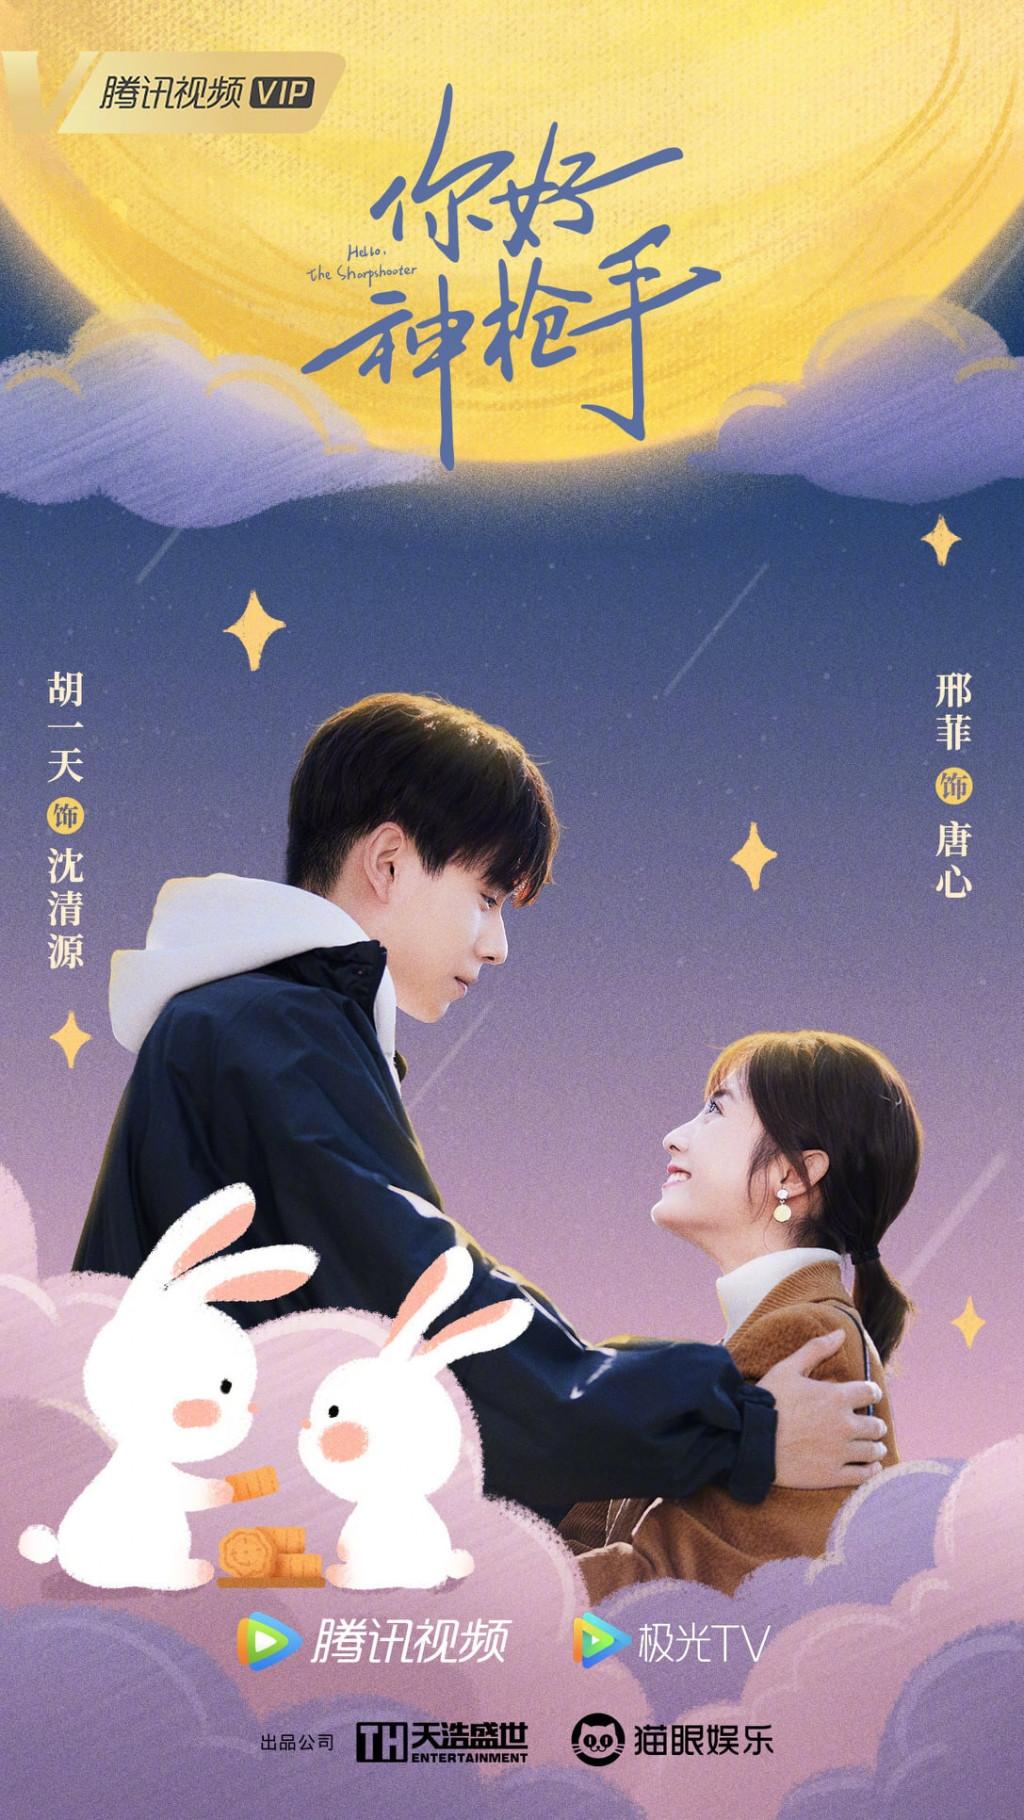 Loạt poster phim Hoa ngữ tung ra dịp Trung Thu: 'Thả Thí Thiên Hạ', 'An Lạc Truyện' của Địch Lệ Nhiệt Ba đều đủ cả